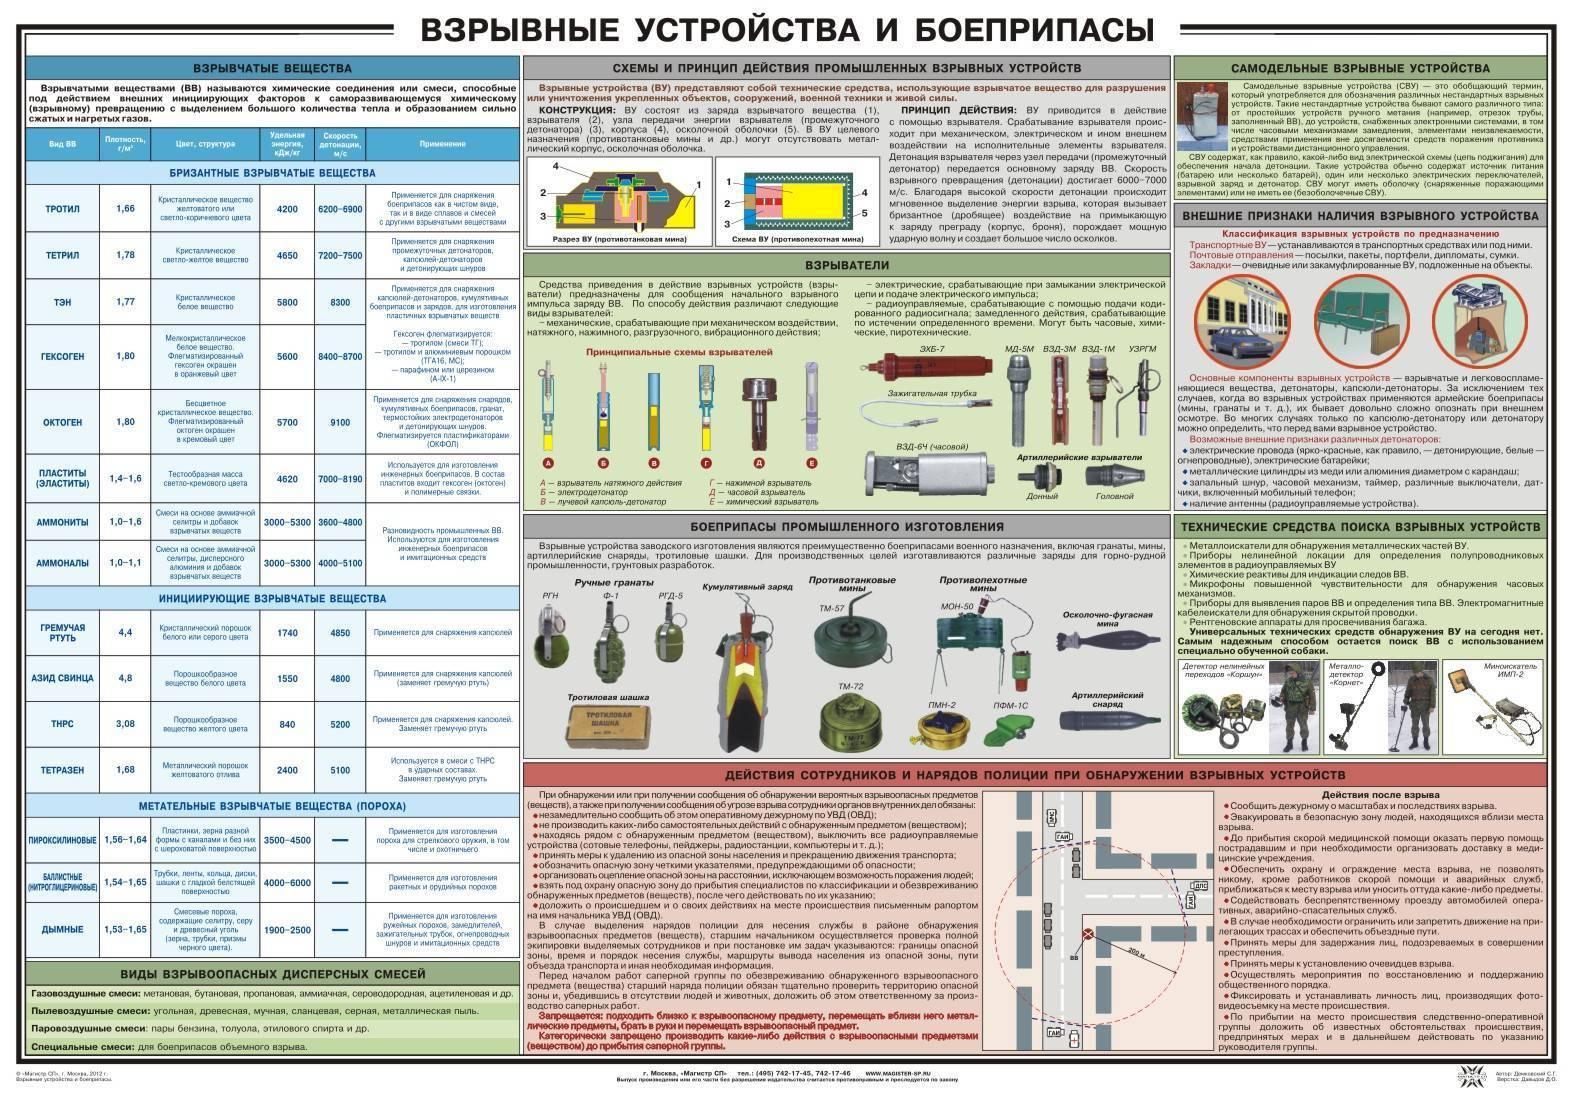 Взрывчатые вещества: принцип действия и основные виды